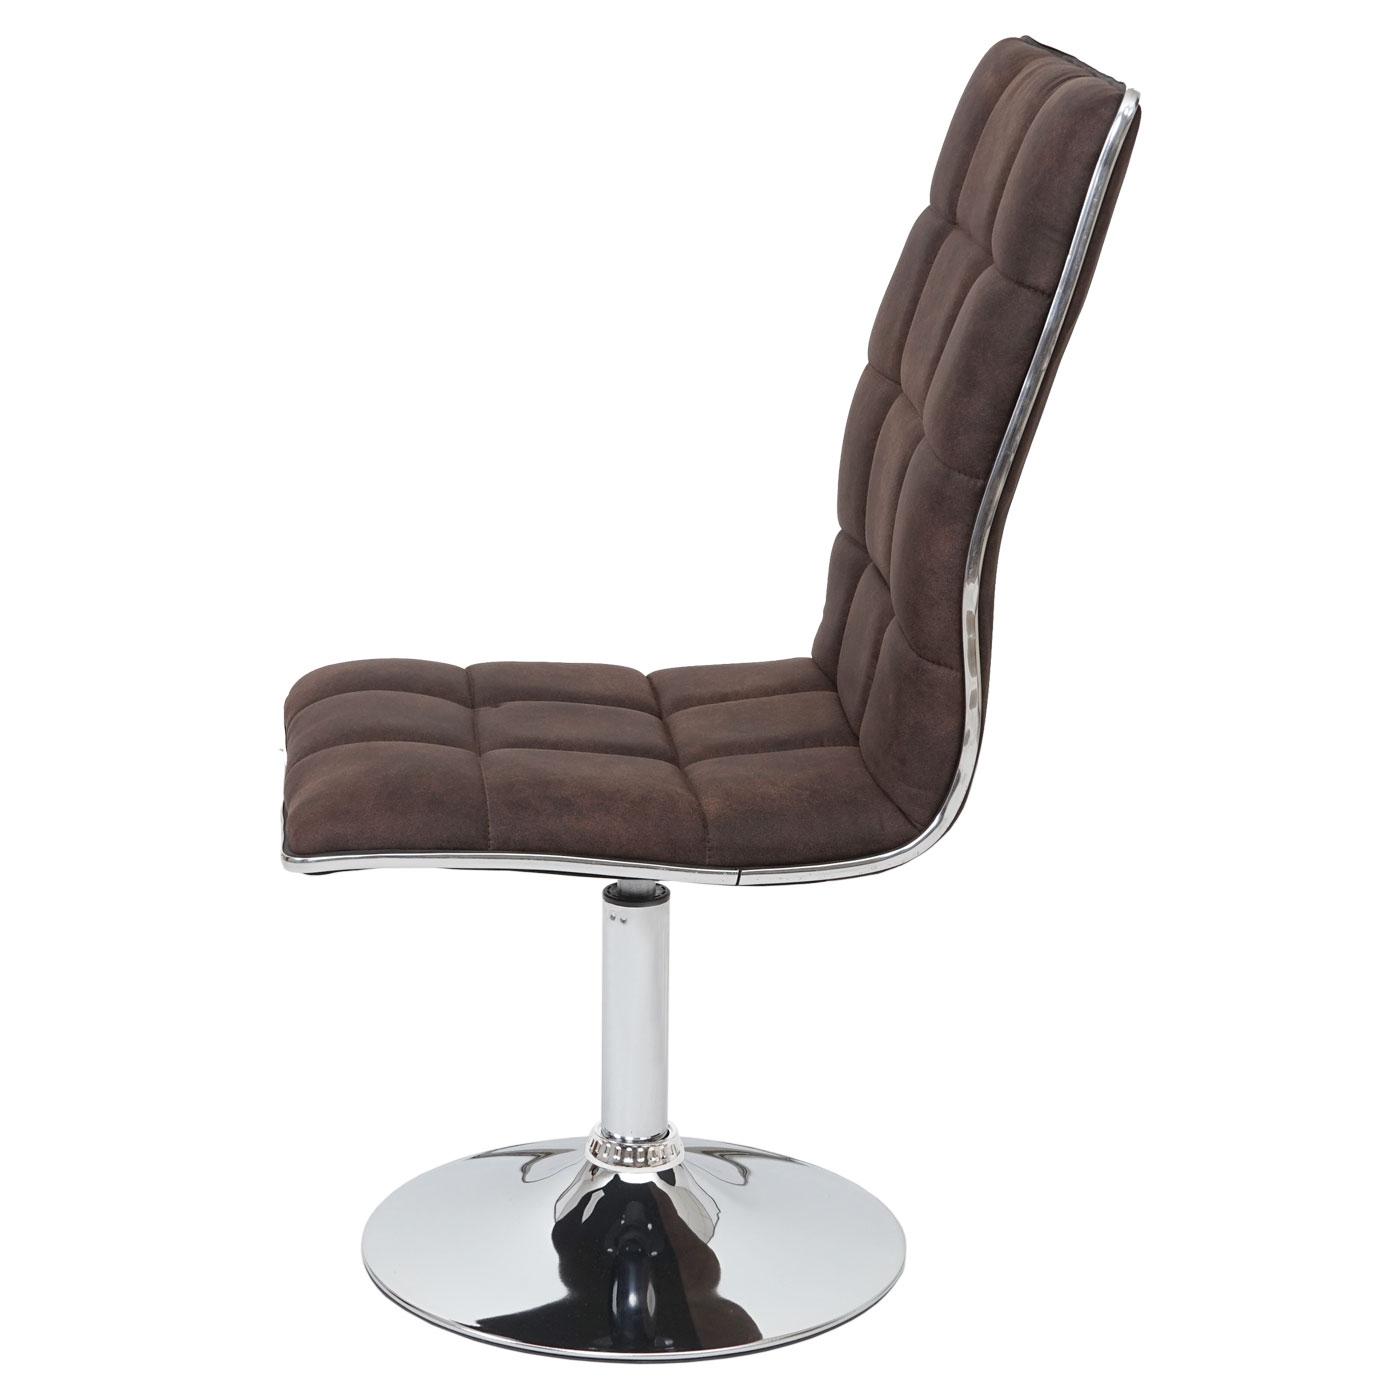 6x esszimmerstuhl mcw c41 h henverstellbar drehbar textil vintage dunkelbraun ebay - Esszimmerstuhl hohenverstellbar ...